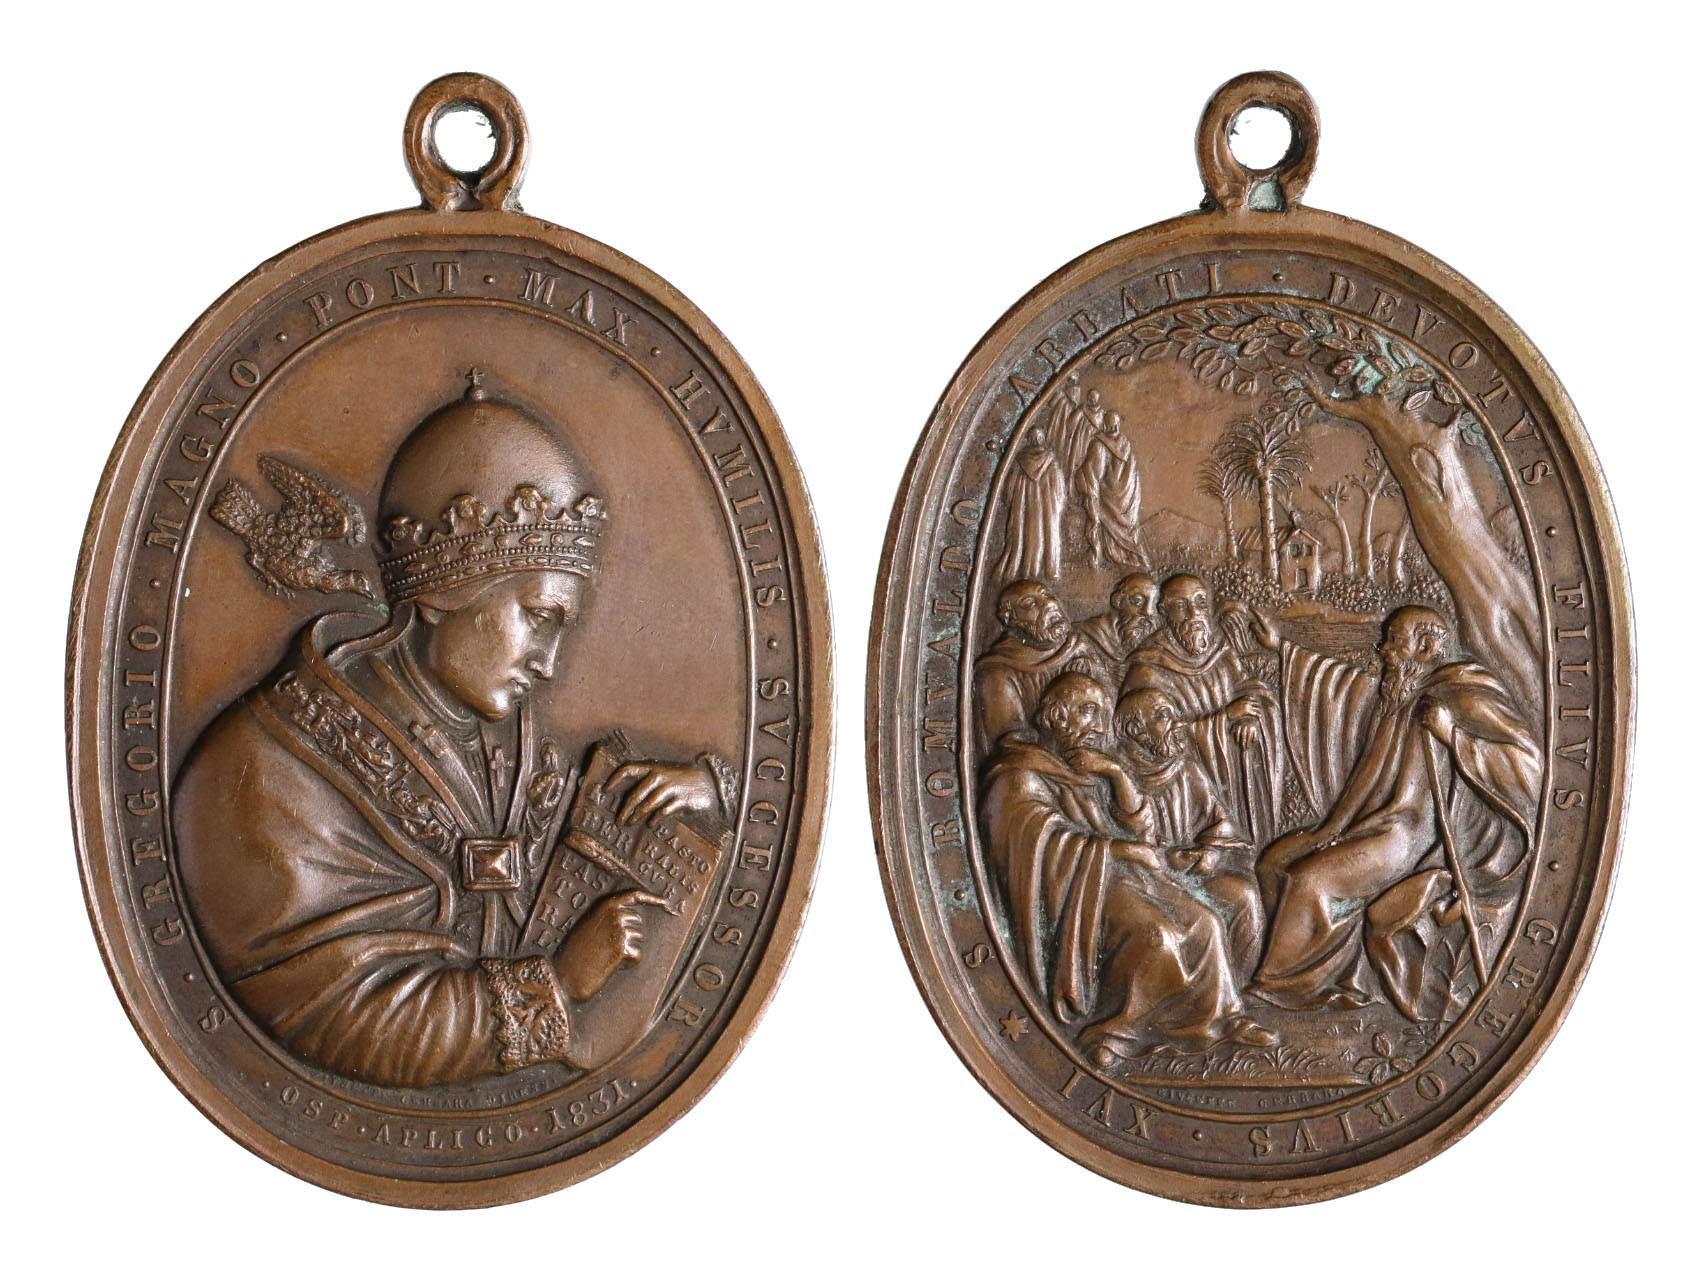 Cerbara Giuseppe 1770-1856 - AE pontifikační medaile Řehoře XVI. 1831, vlastím jménem Bartolomeo Alberto Cappellari 1765-1846. Portrét zprava, opis / sv. Romuald káže žákům, opis. Bronz 61 x 47 mm, původní ouško